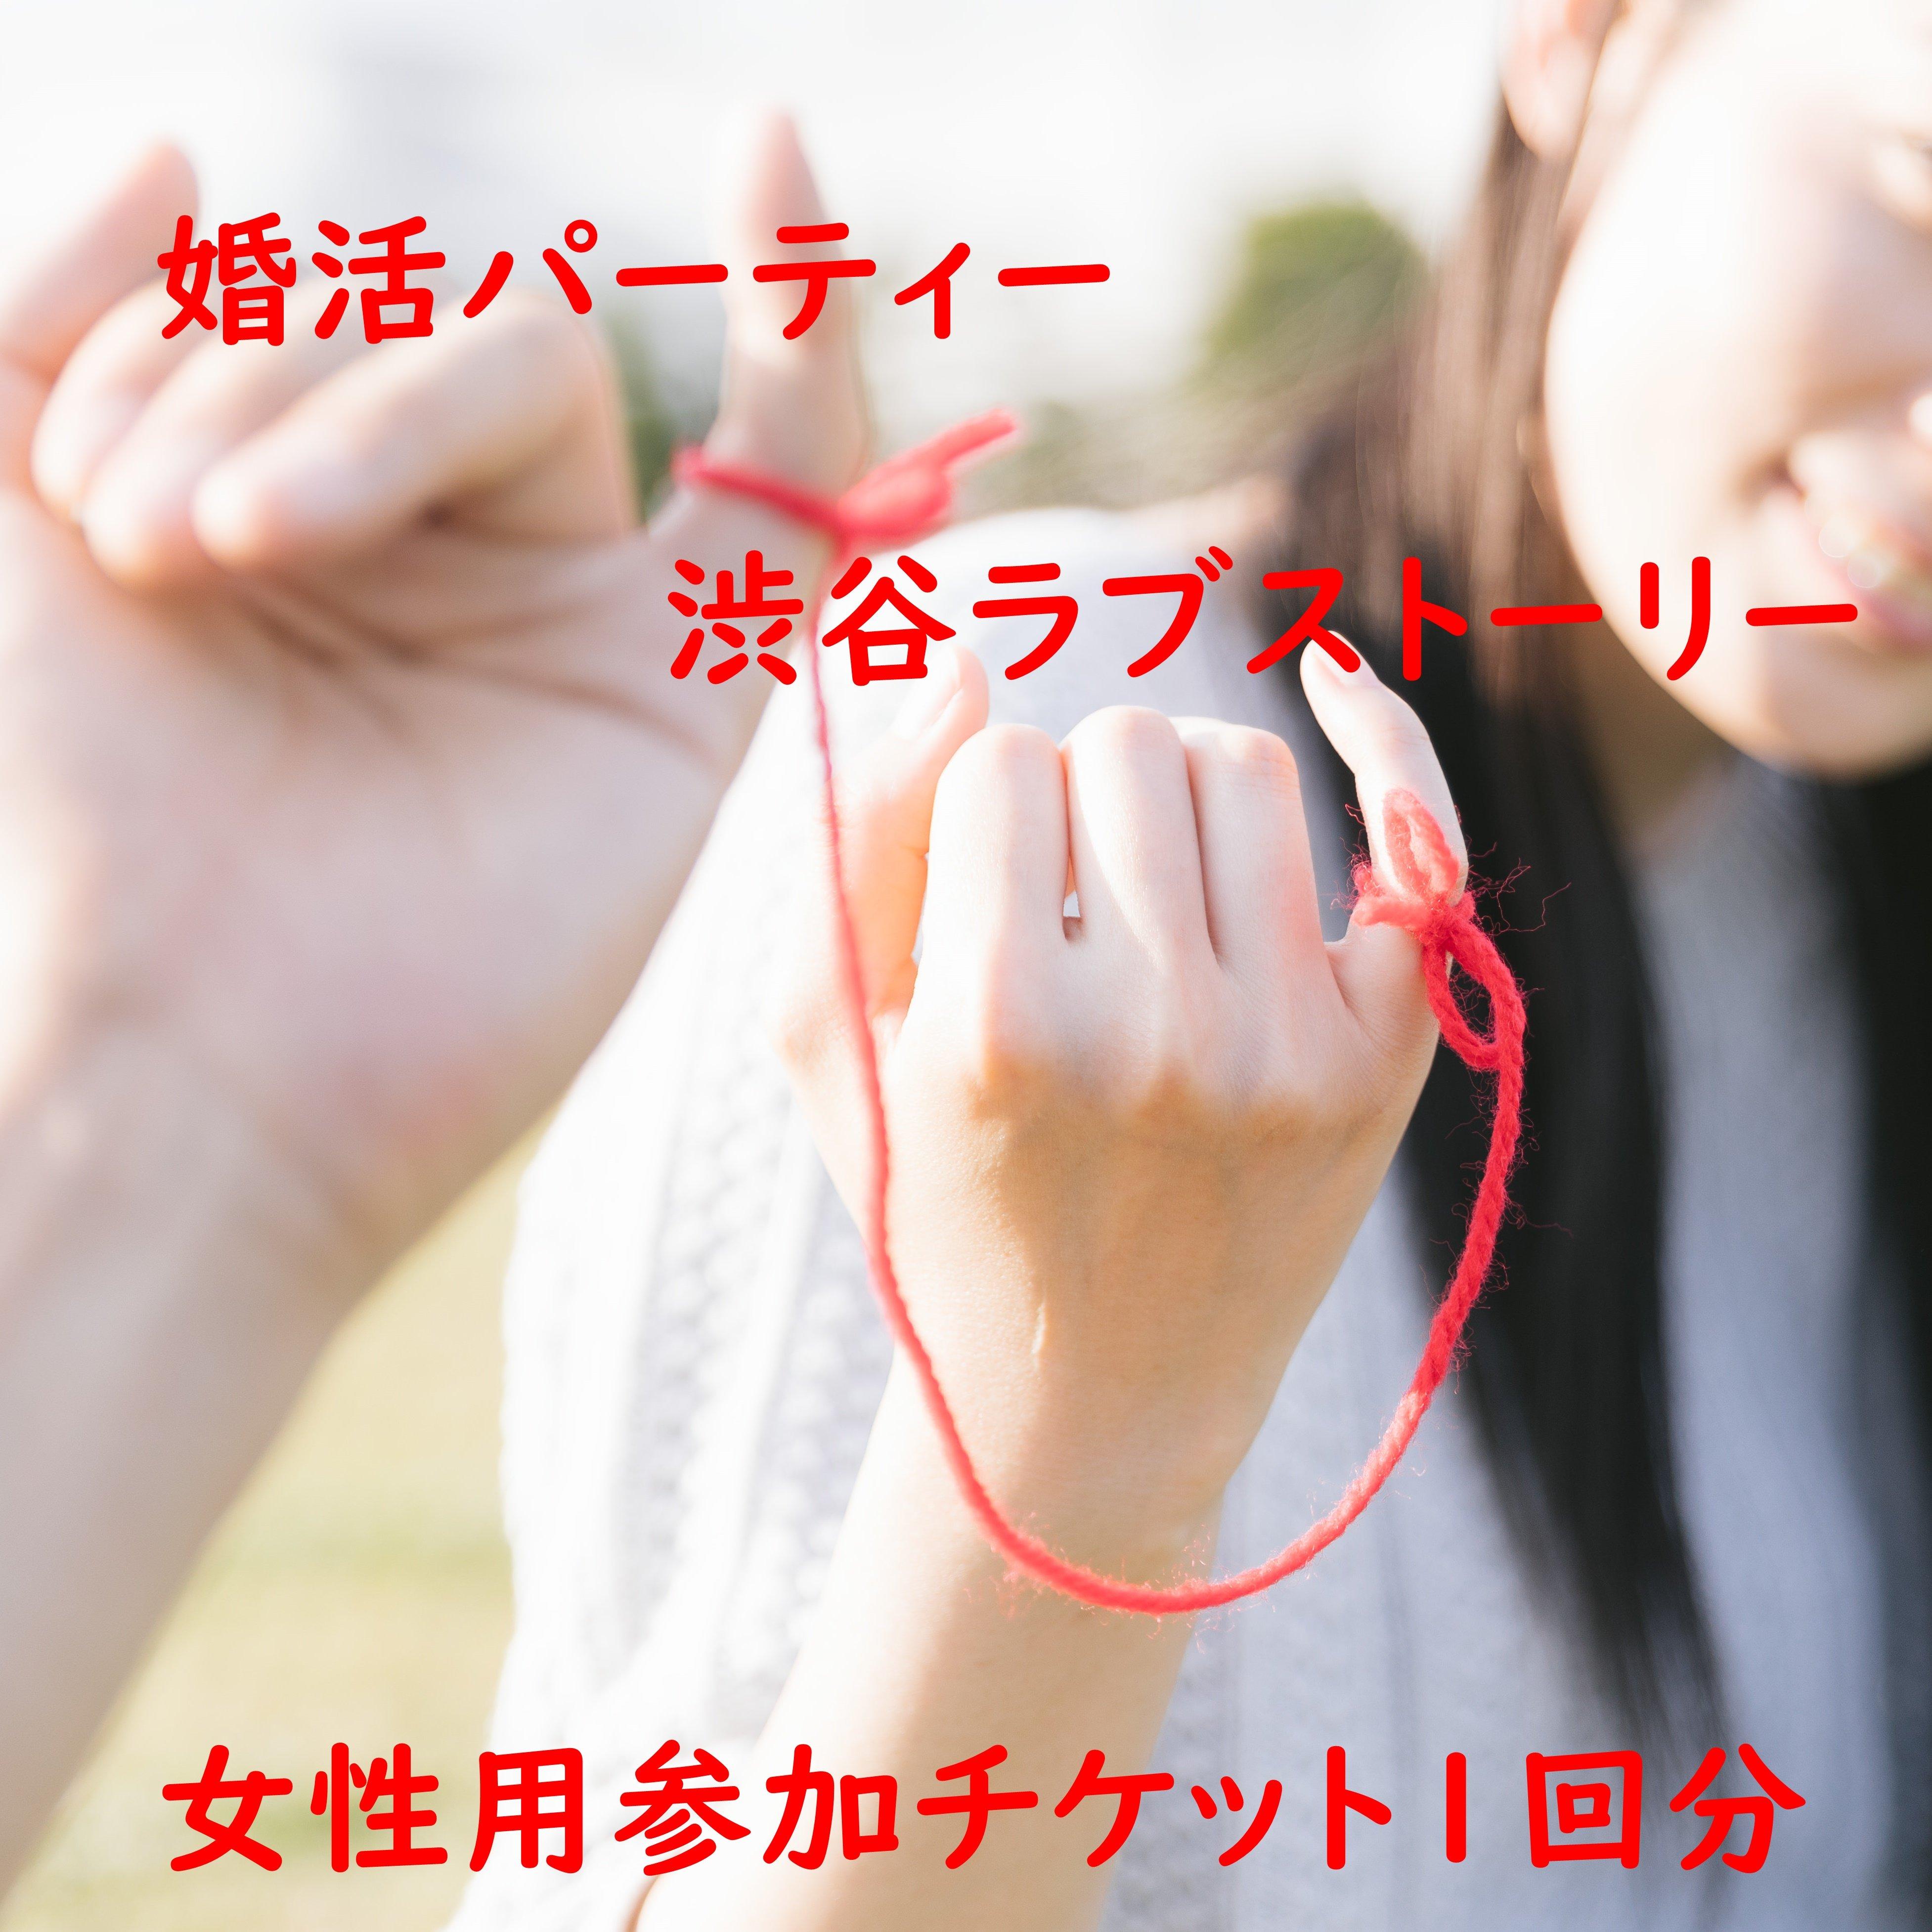 【婚活パーティー】オンライン婚活パーティー「渋谷ラブストーリー」女性参加チケットのイメージその1